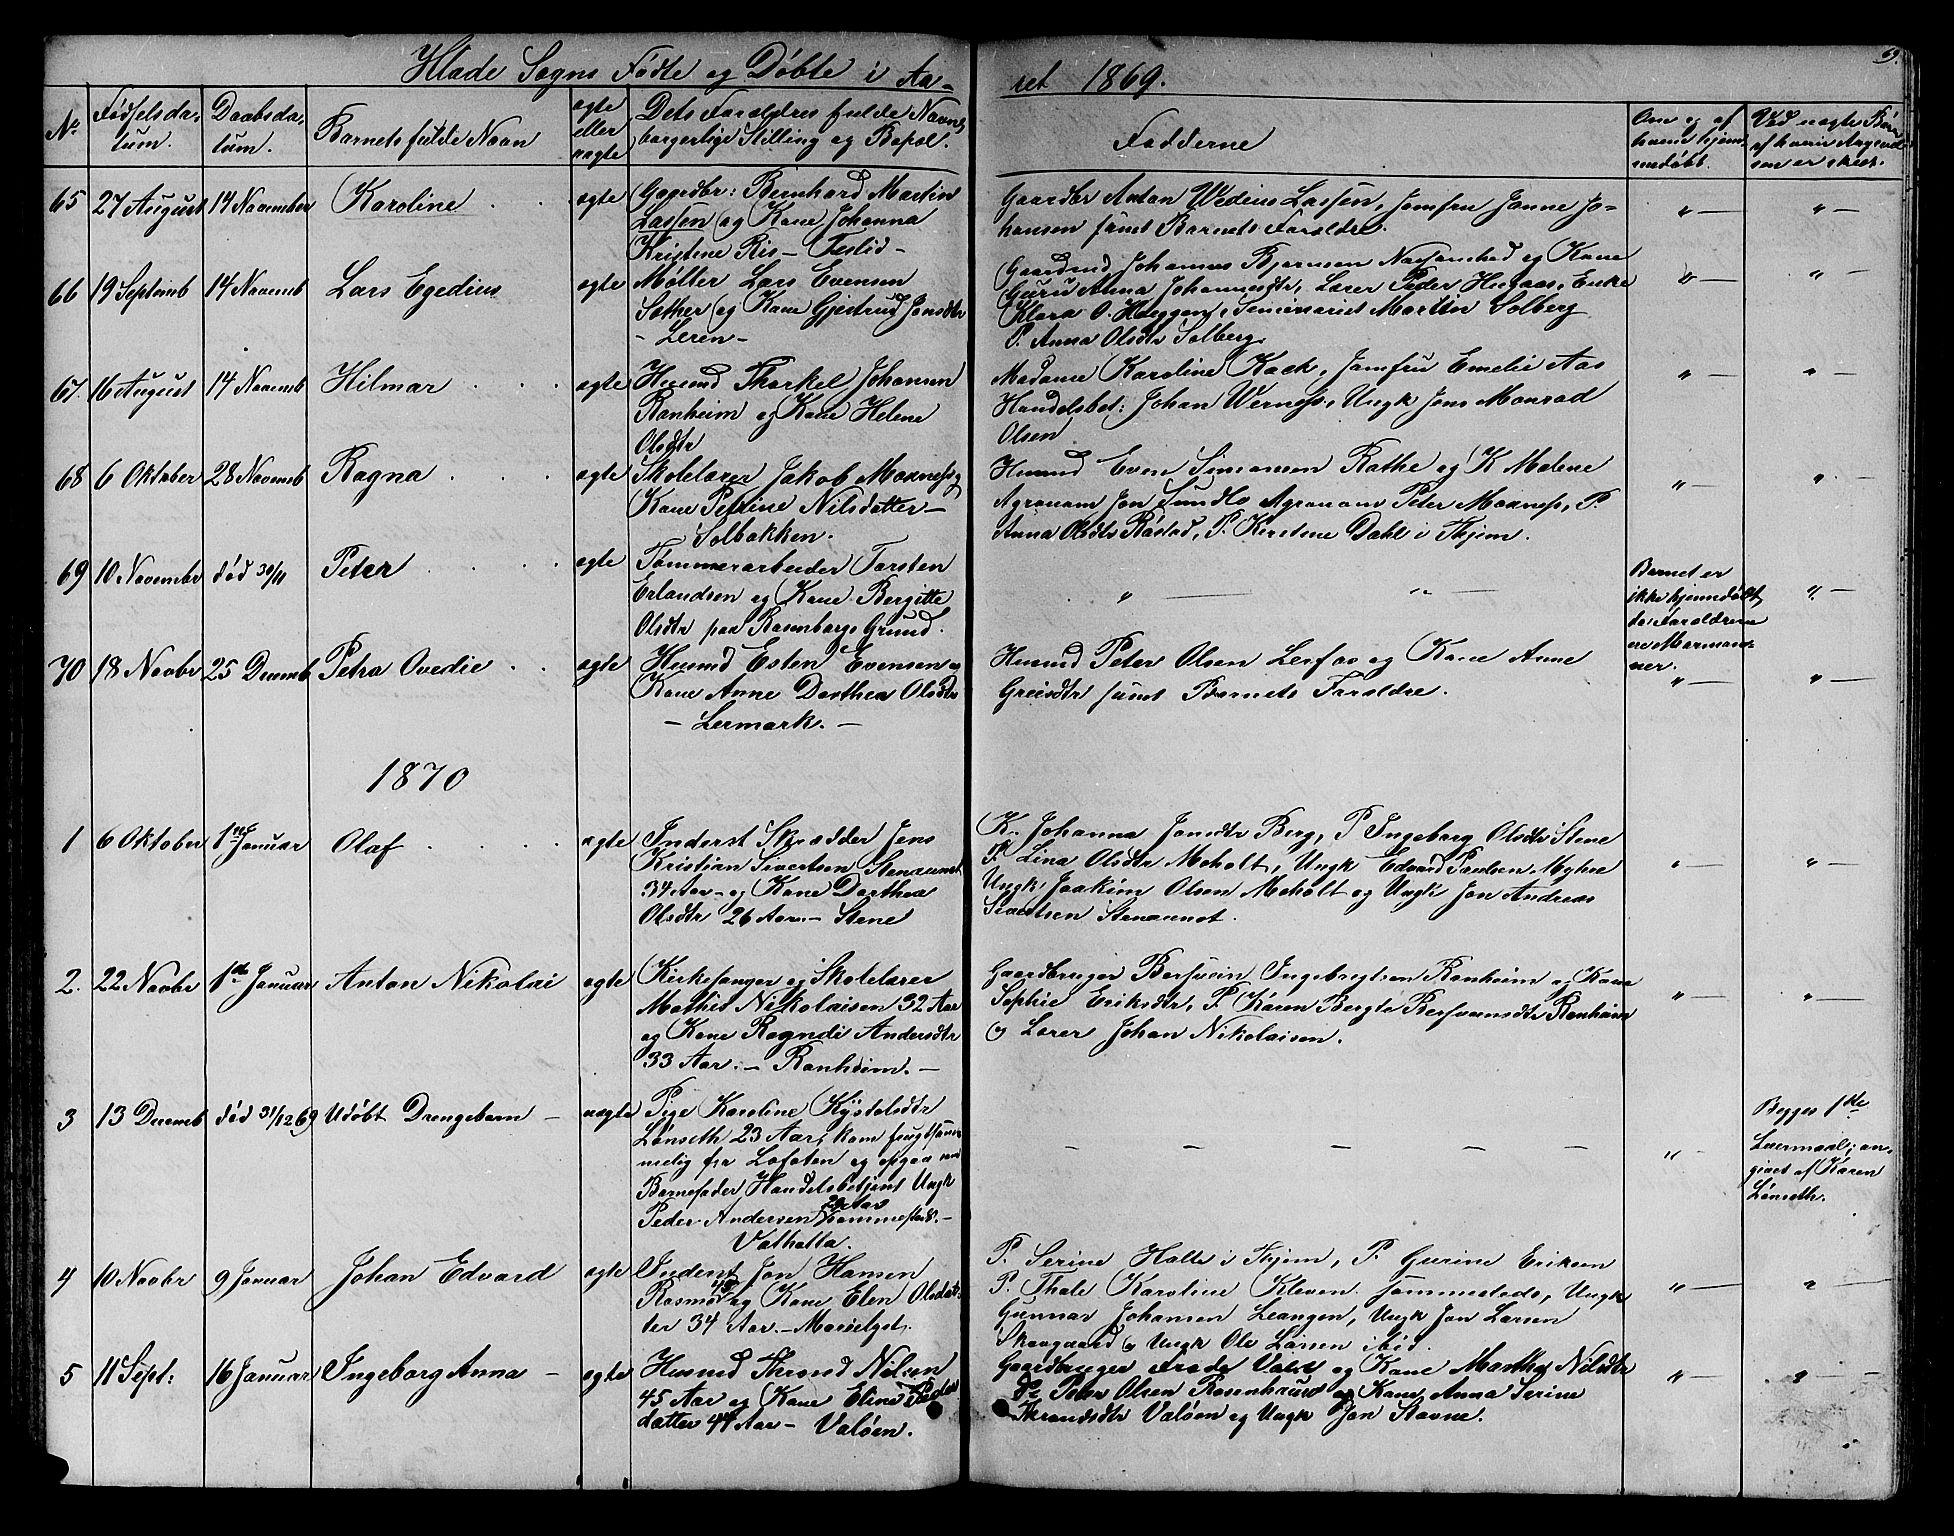 SAT, Ministerialprotokoller, klokkerbøker og fødselsregistre - Sør-Trøndelag, 606/L0311: Klokkerbok nr. 606C07, 1860-1877, s. 69